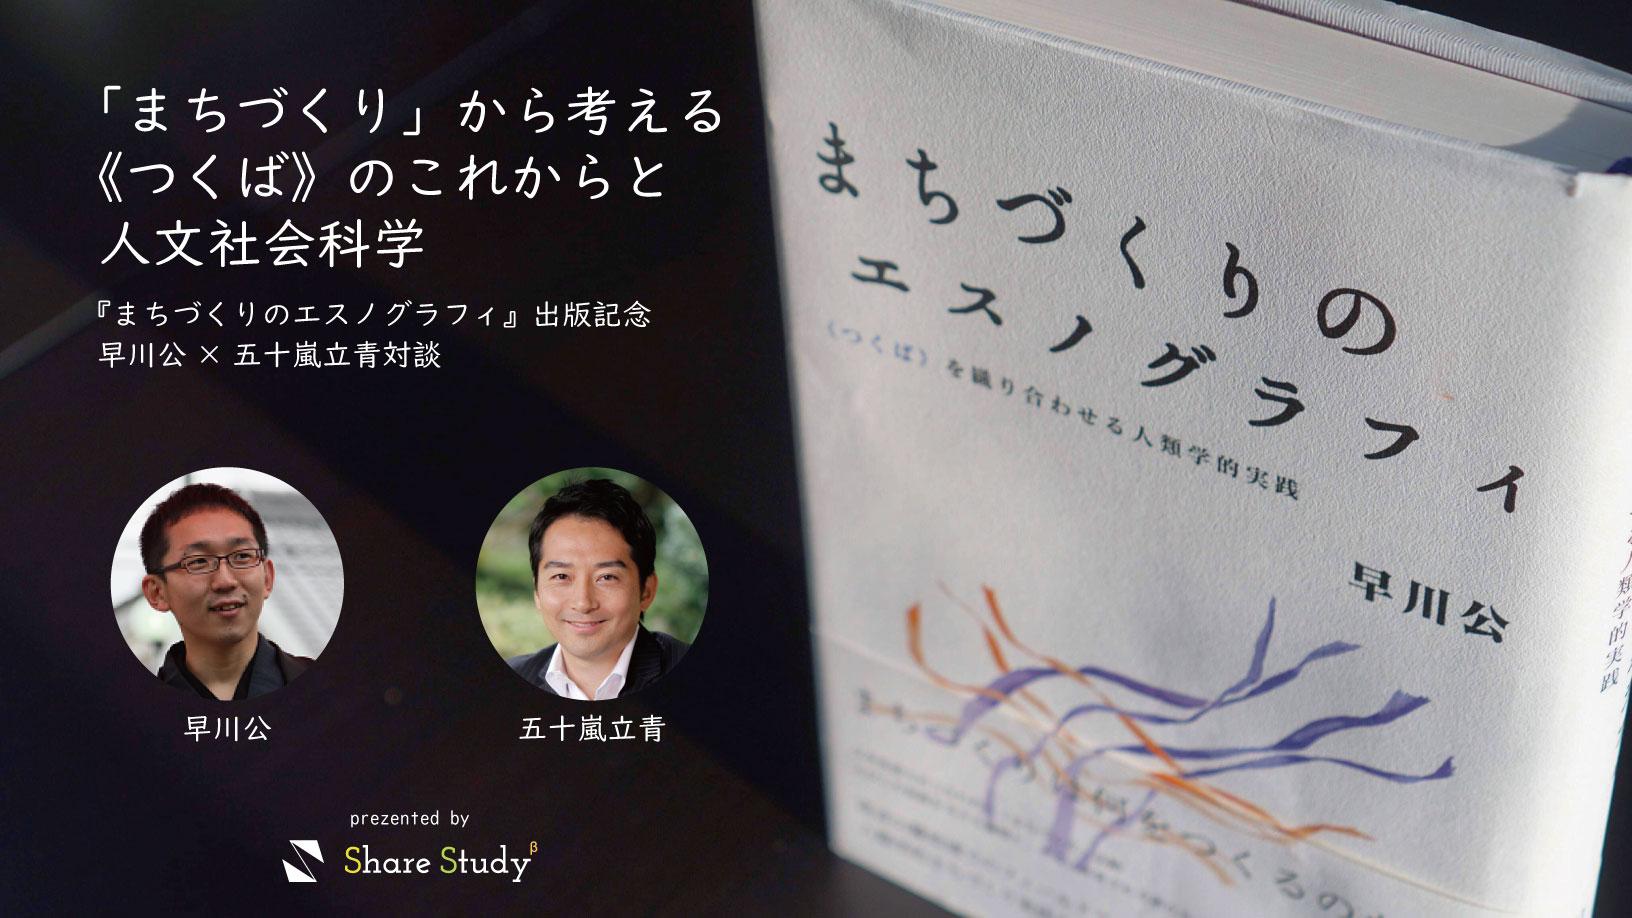 Study Talk LIVE まちづくりのエスノグラフィ出版記念イベント